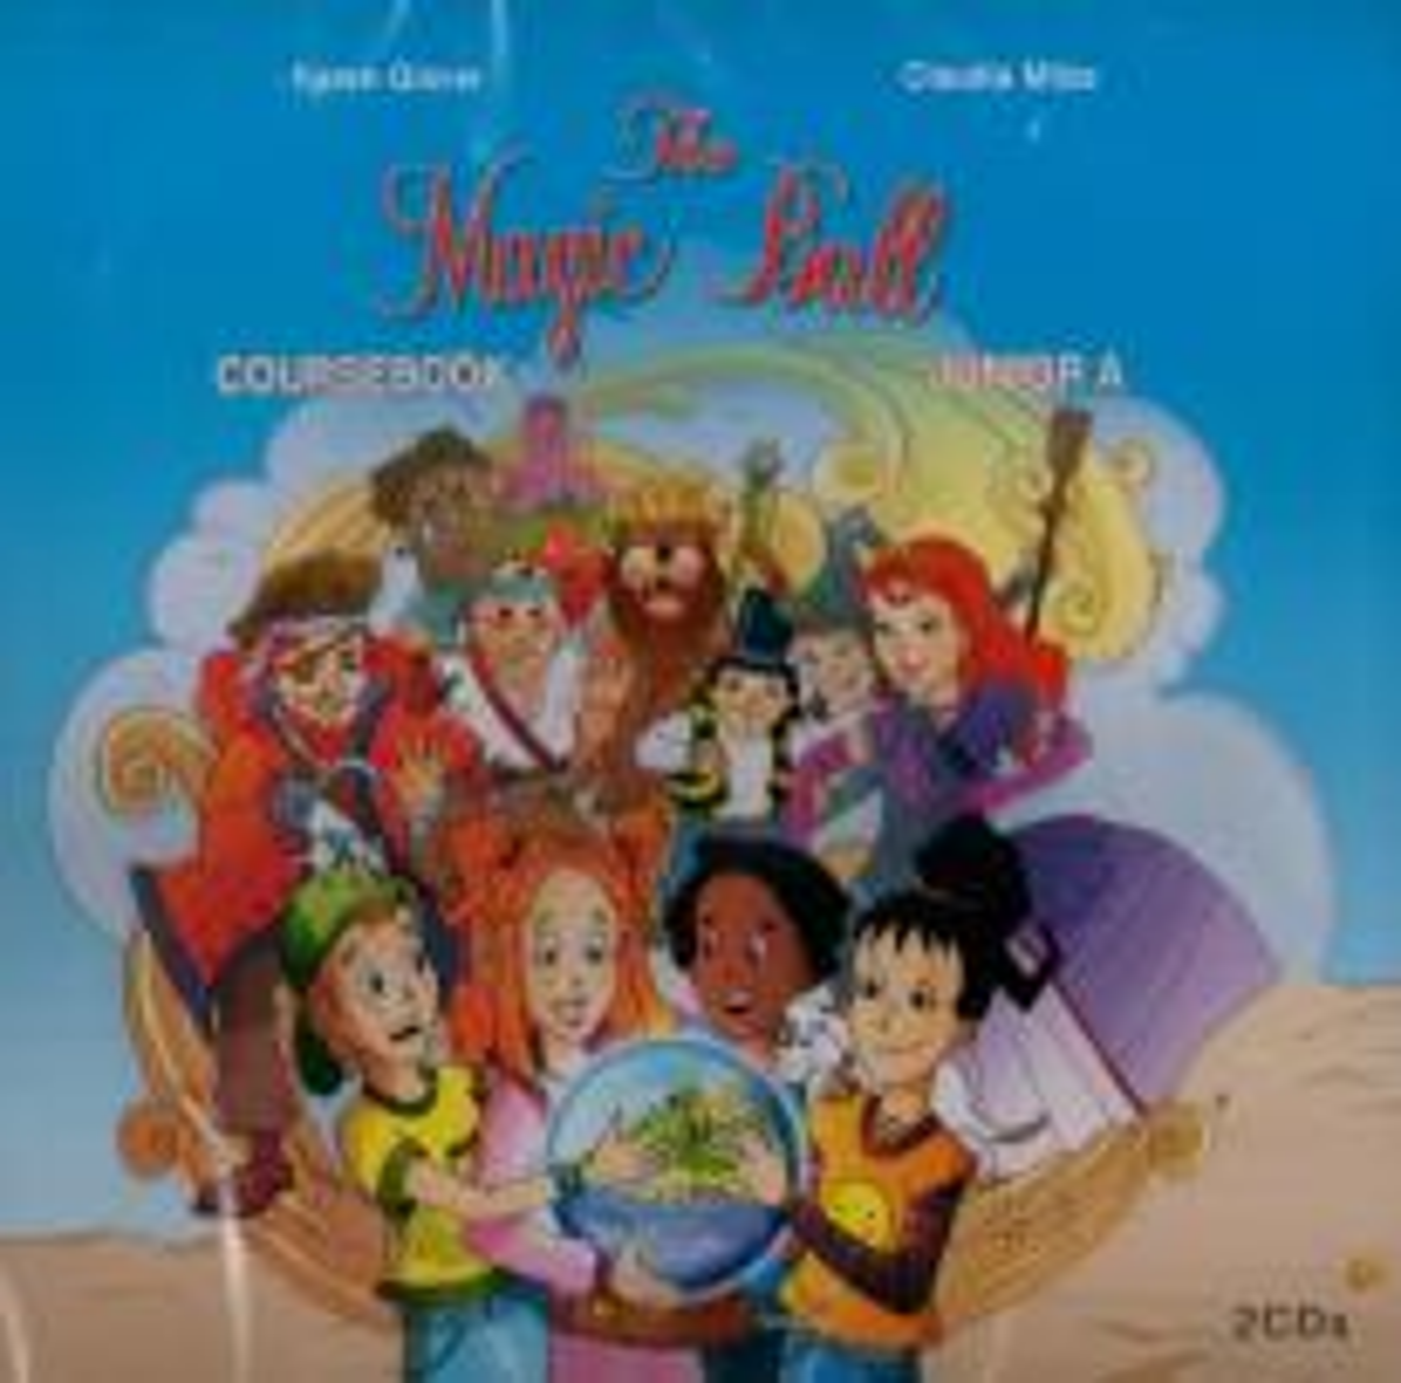 MAGIC BALL JUNIOR B CDs (2)